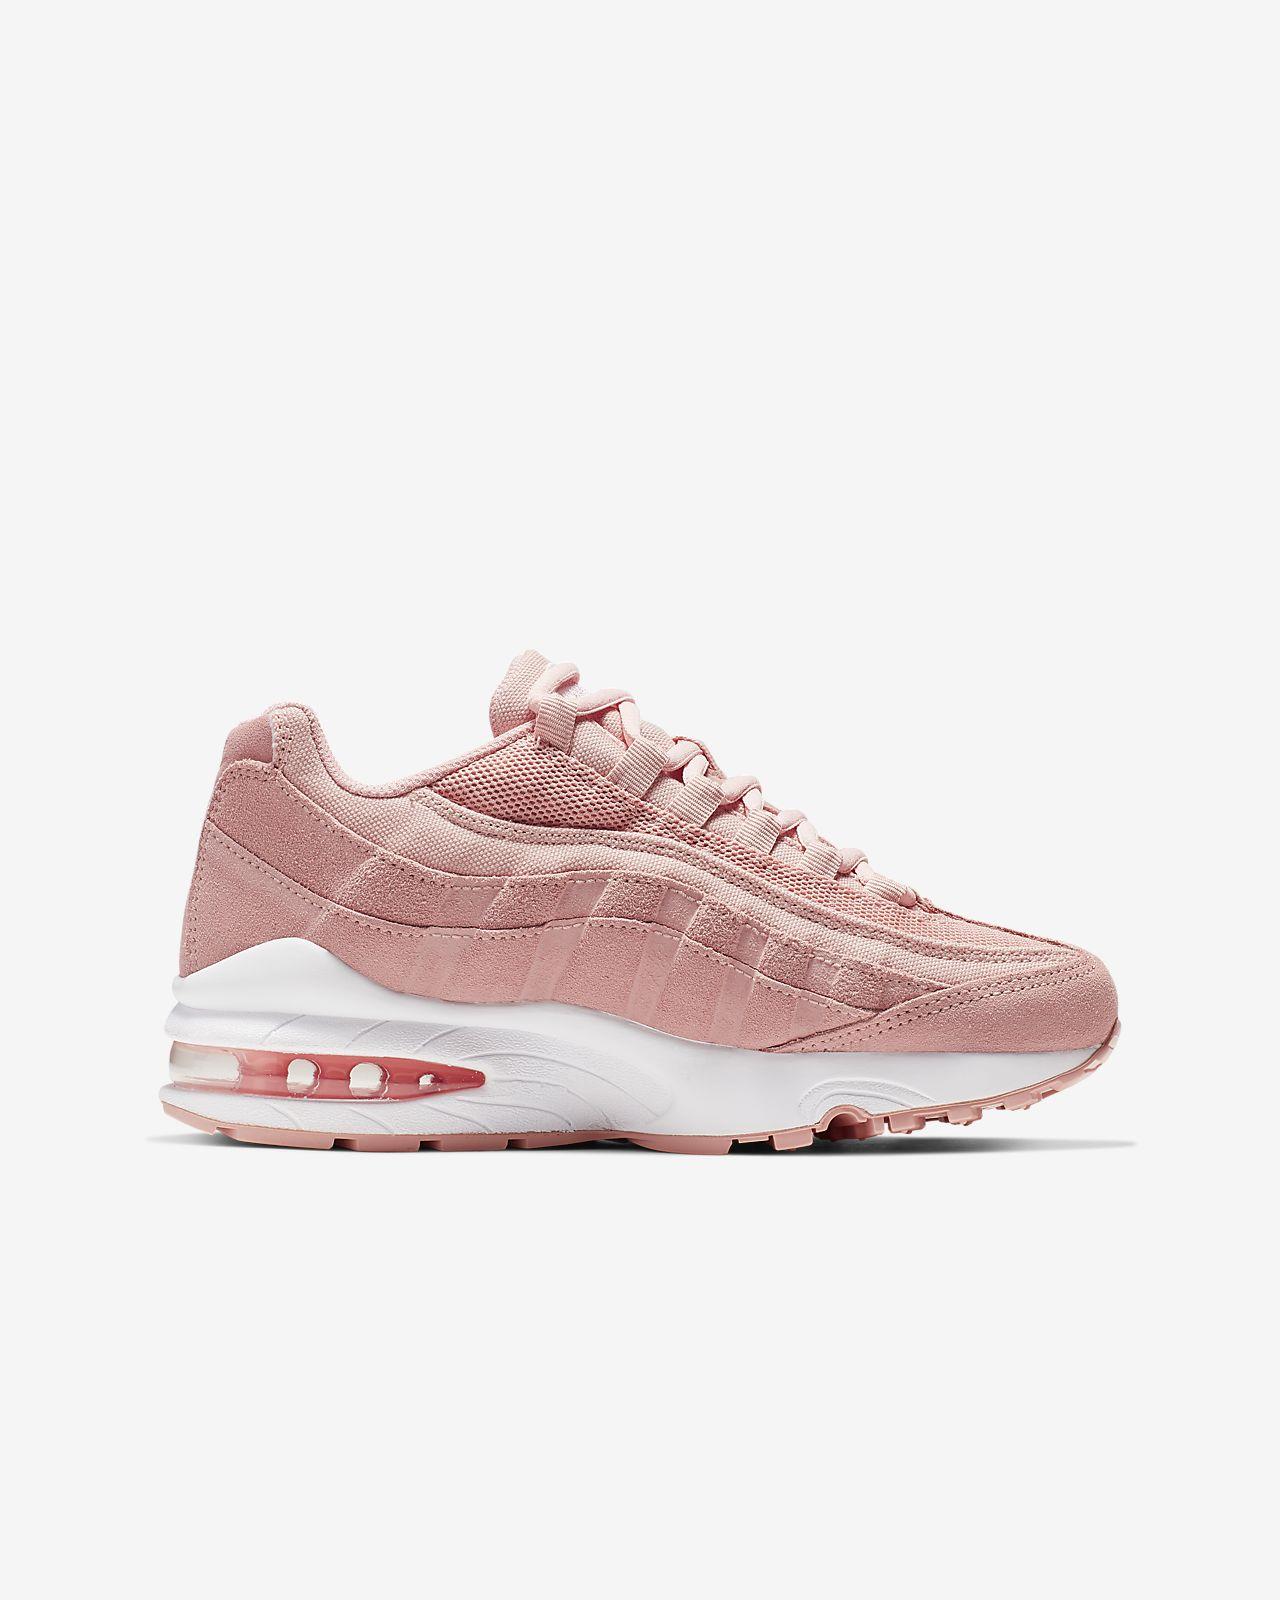 buy online 2812b 9bc81 ... Nike Air Max 95 PE Big Kids  Shoe